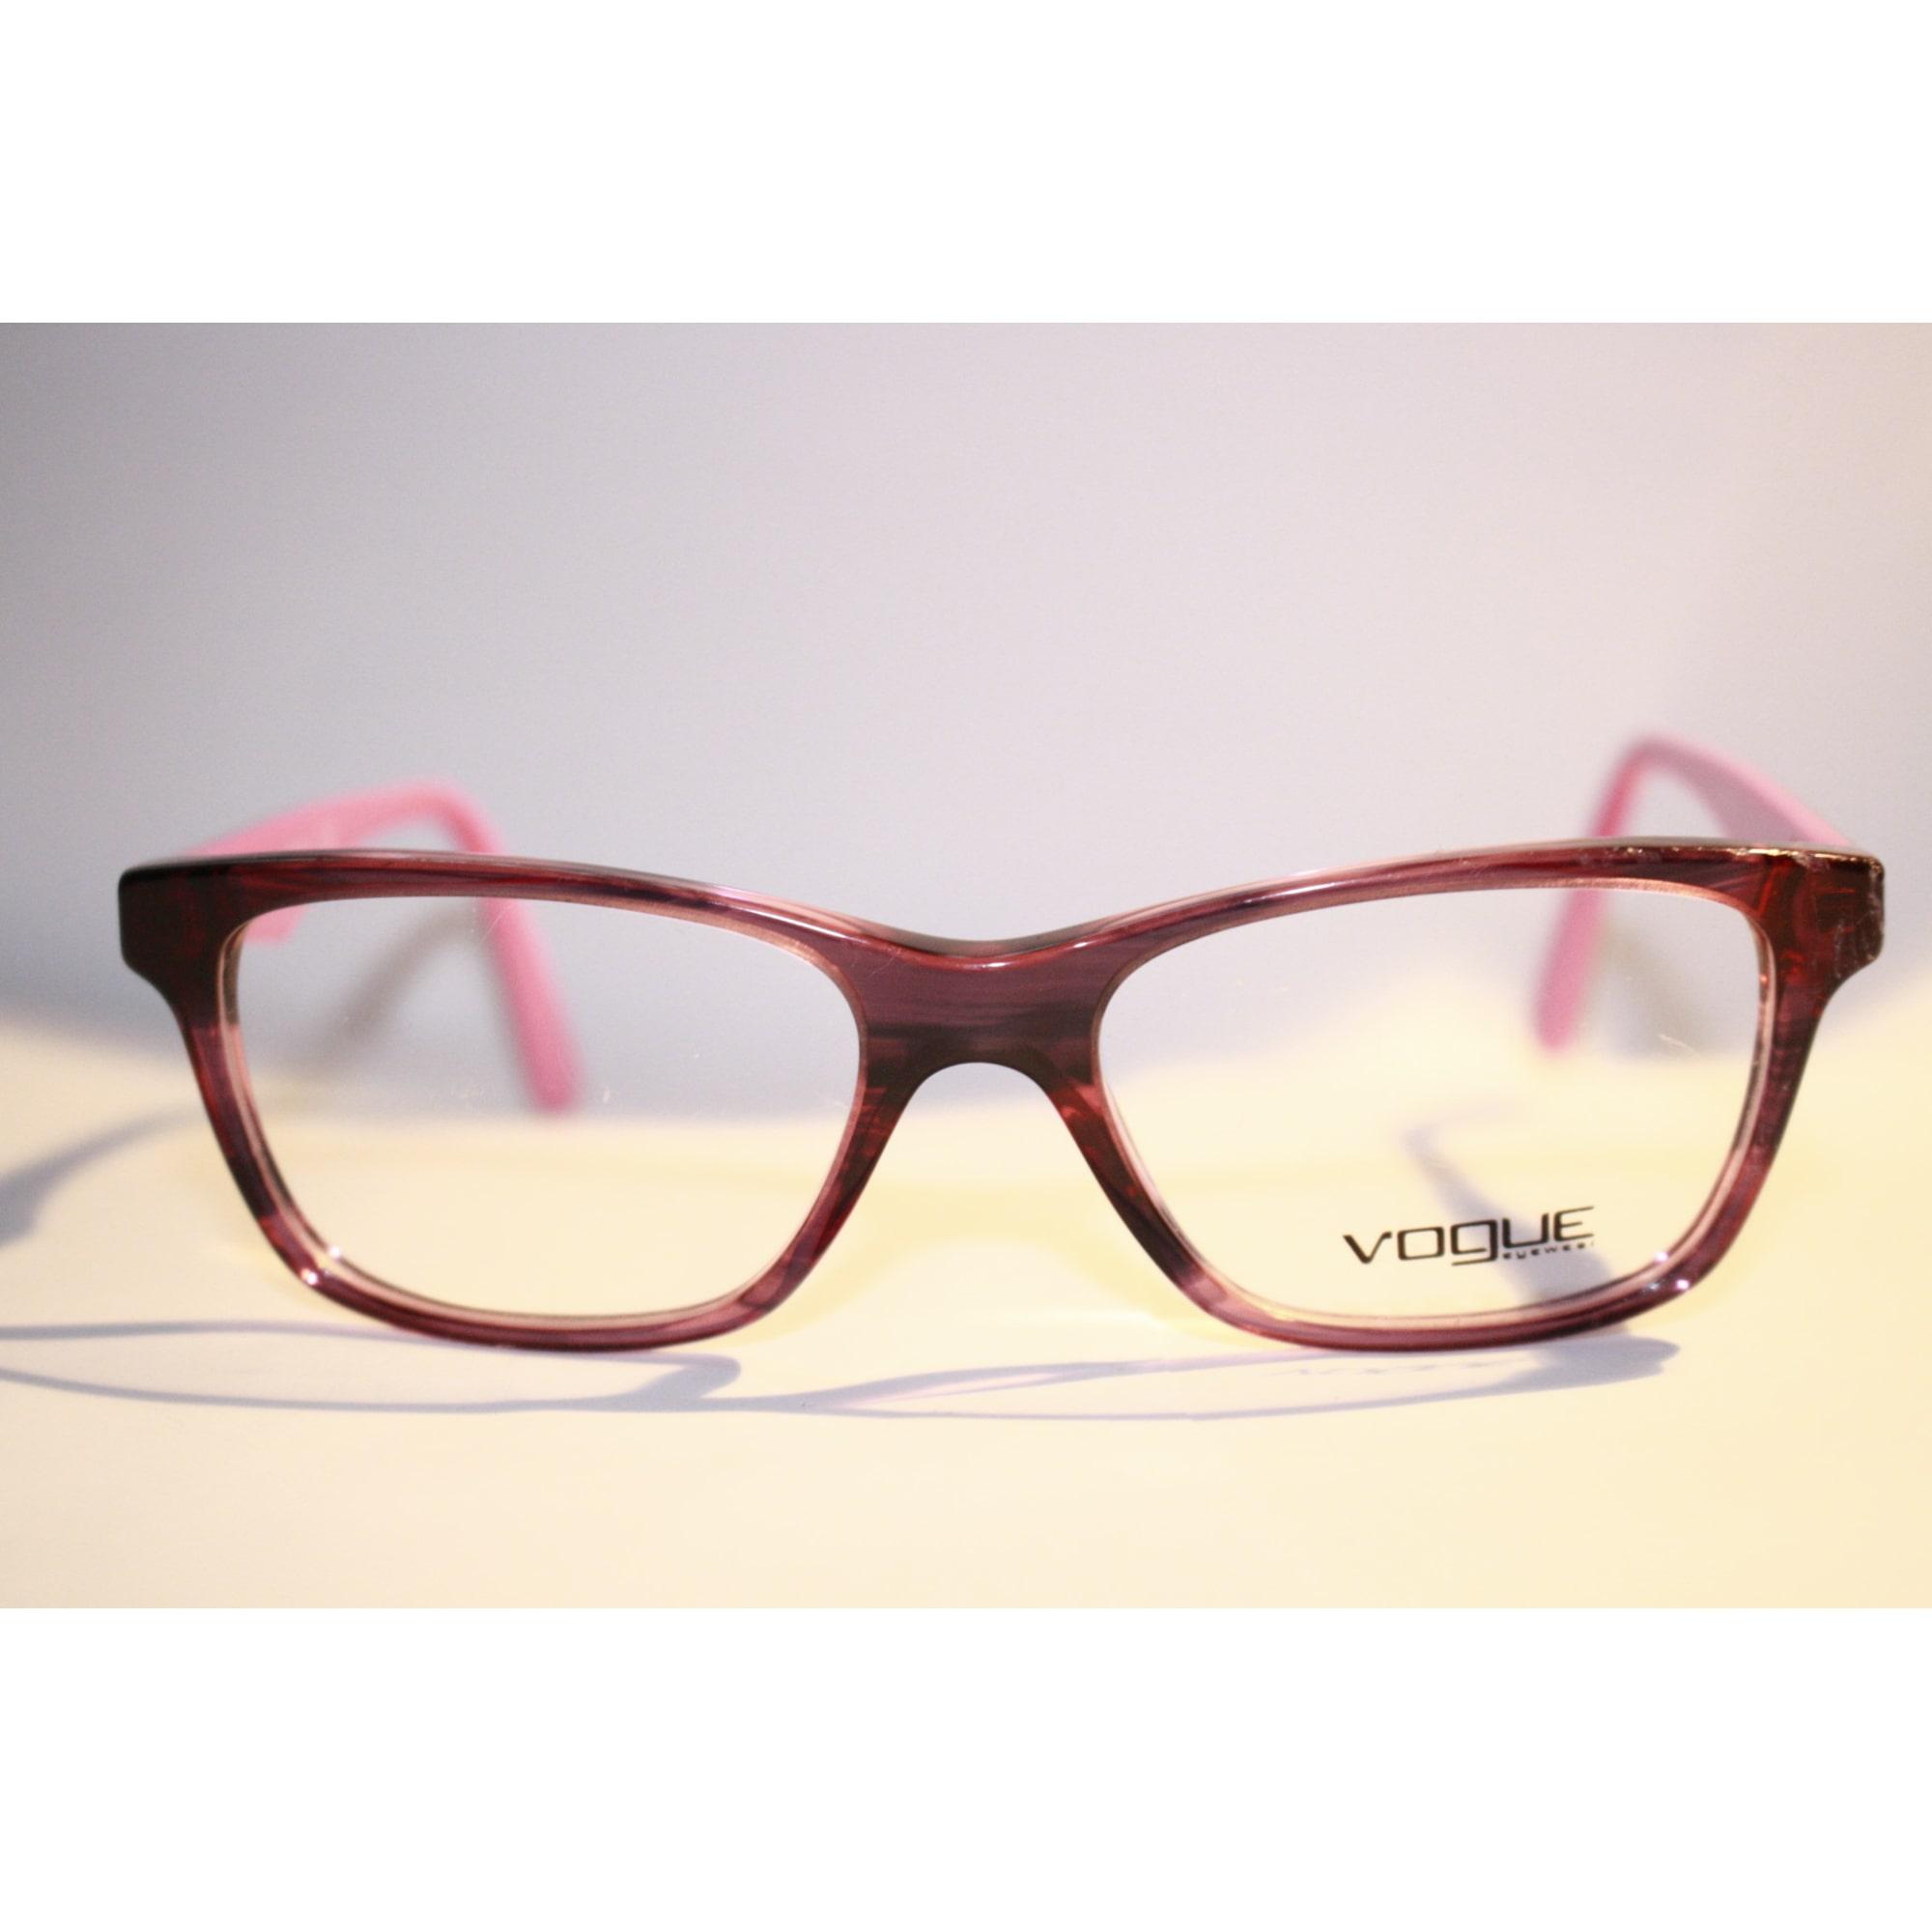 Monture de lunettes VOGUE Rose, fuschia, vieux rose